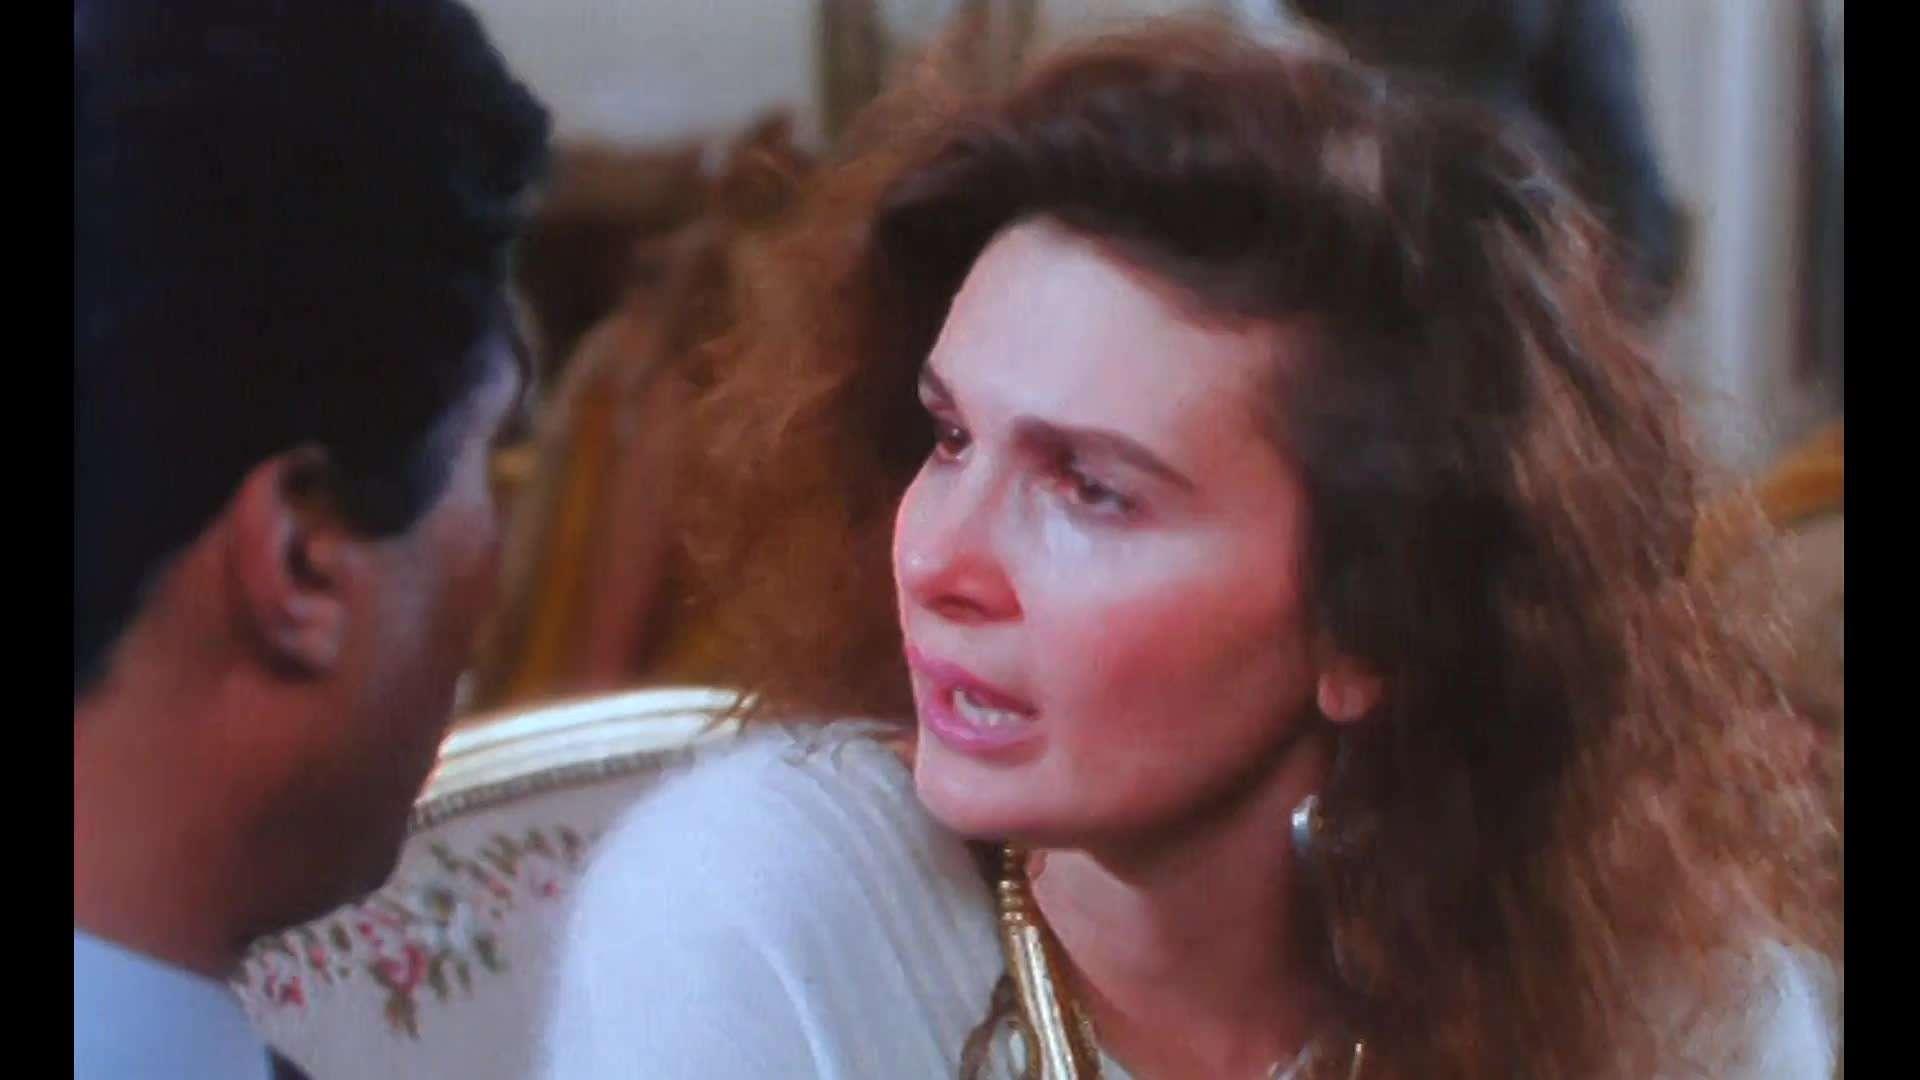 [فيلم][تورنت][تحميل][امرأة واحدة لا تكفي][1990][1080p][Web-DL] 15 arabp2p.com